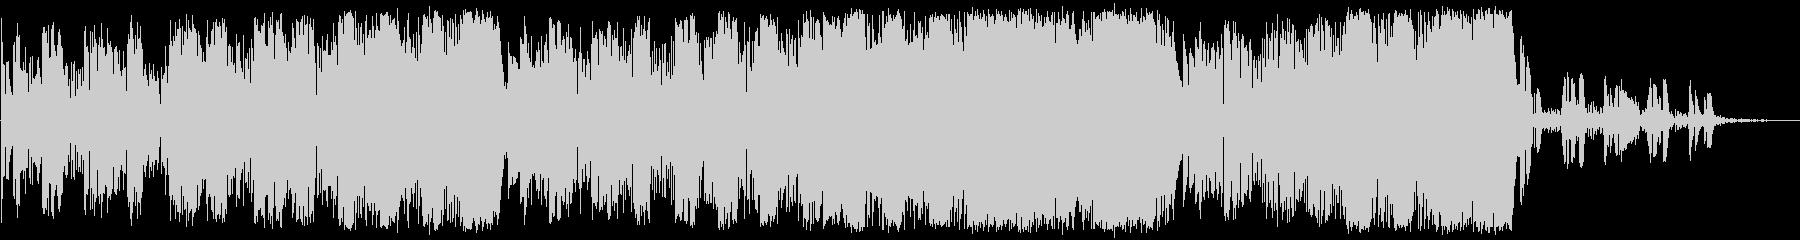 クリーンなアコースティックリズムギ...の未再生の波形